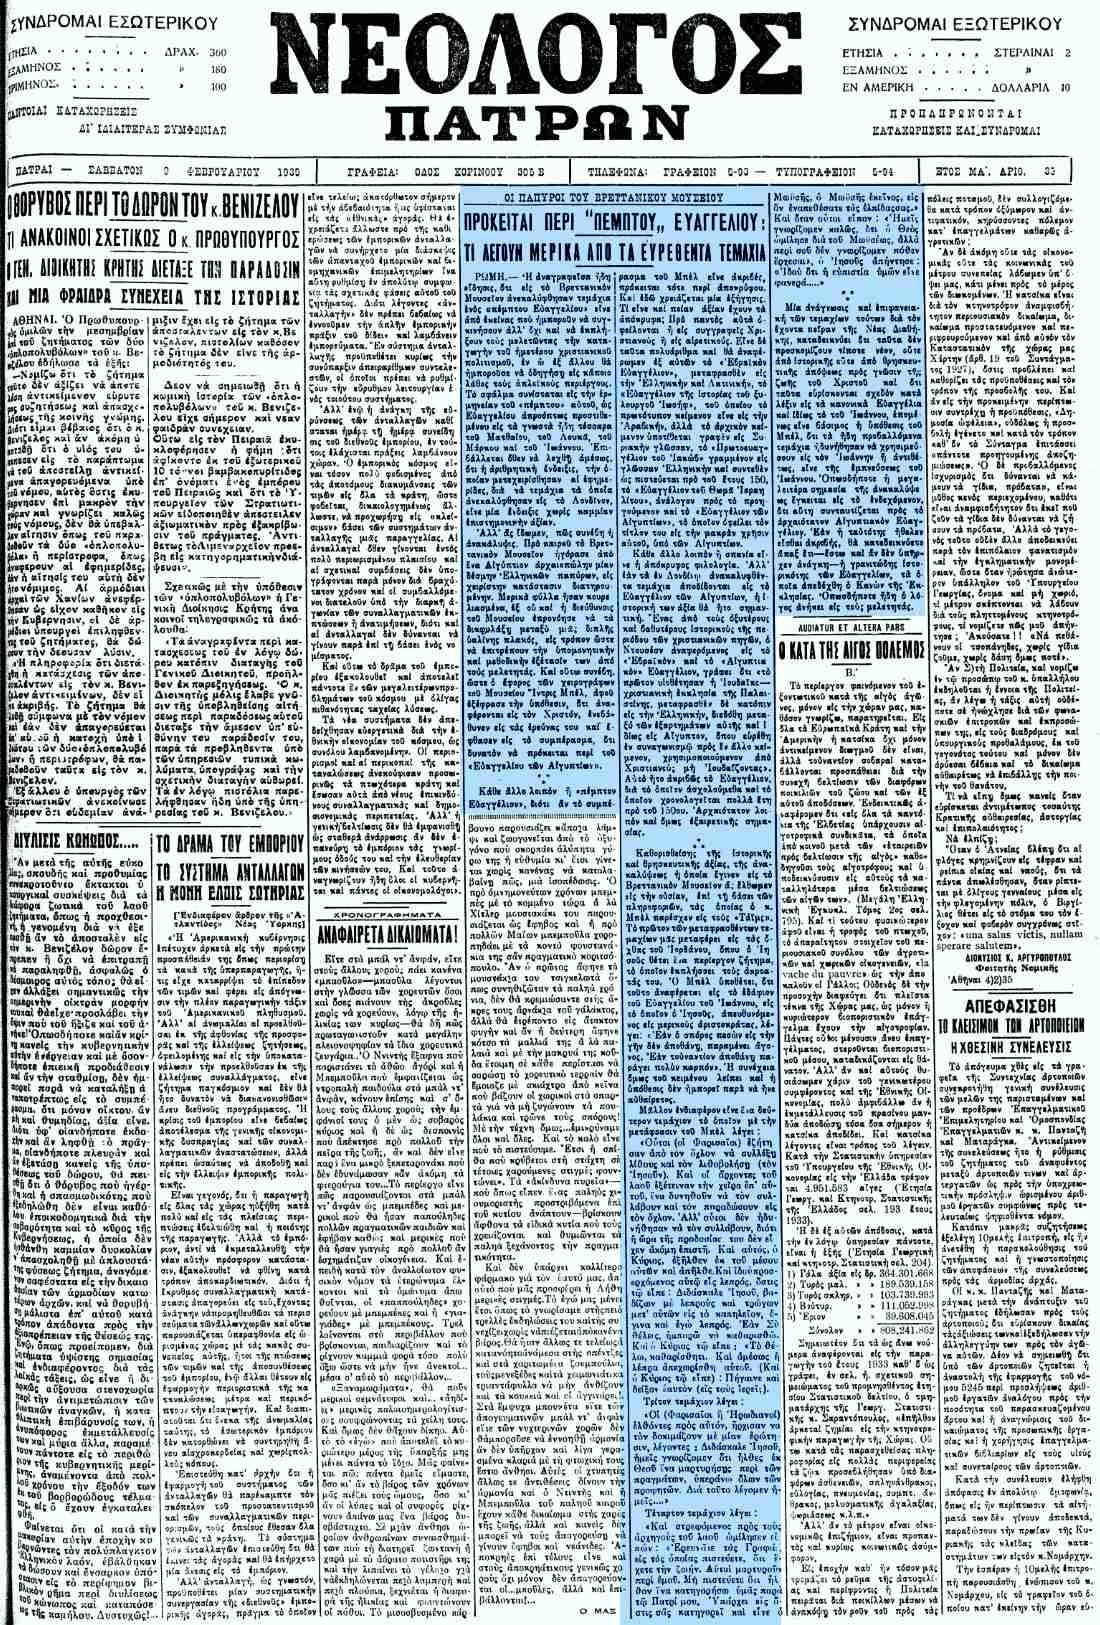 """Το άρθρο, όπως δημοσιεύθηκε στην εφημερίδα """"ΝΕΟΛΟΓΟΣ ΠΑΤΡΩΝ"""", στις 09/02/1935"""